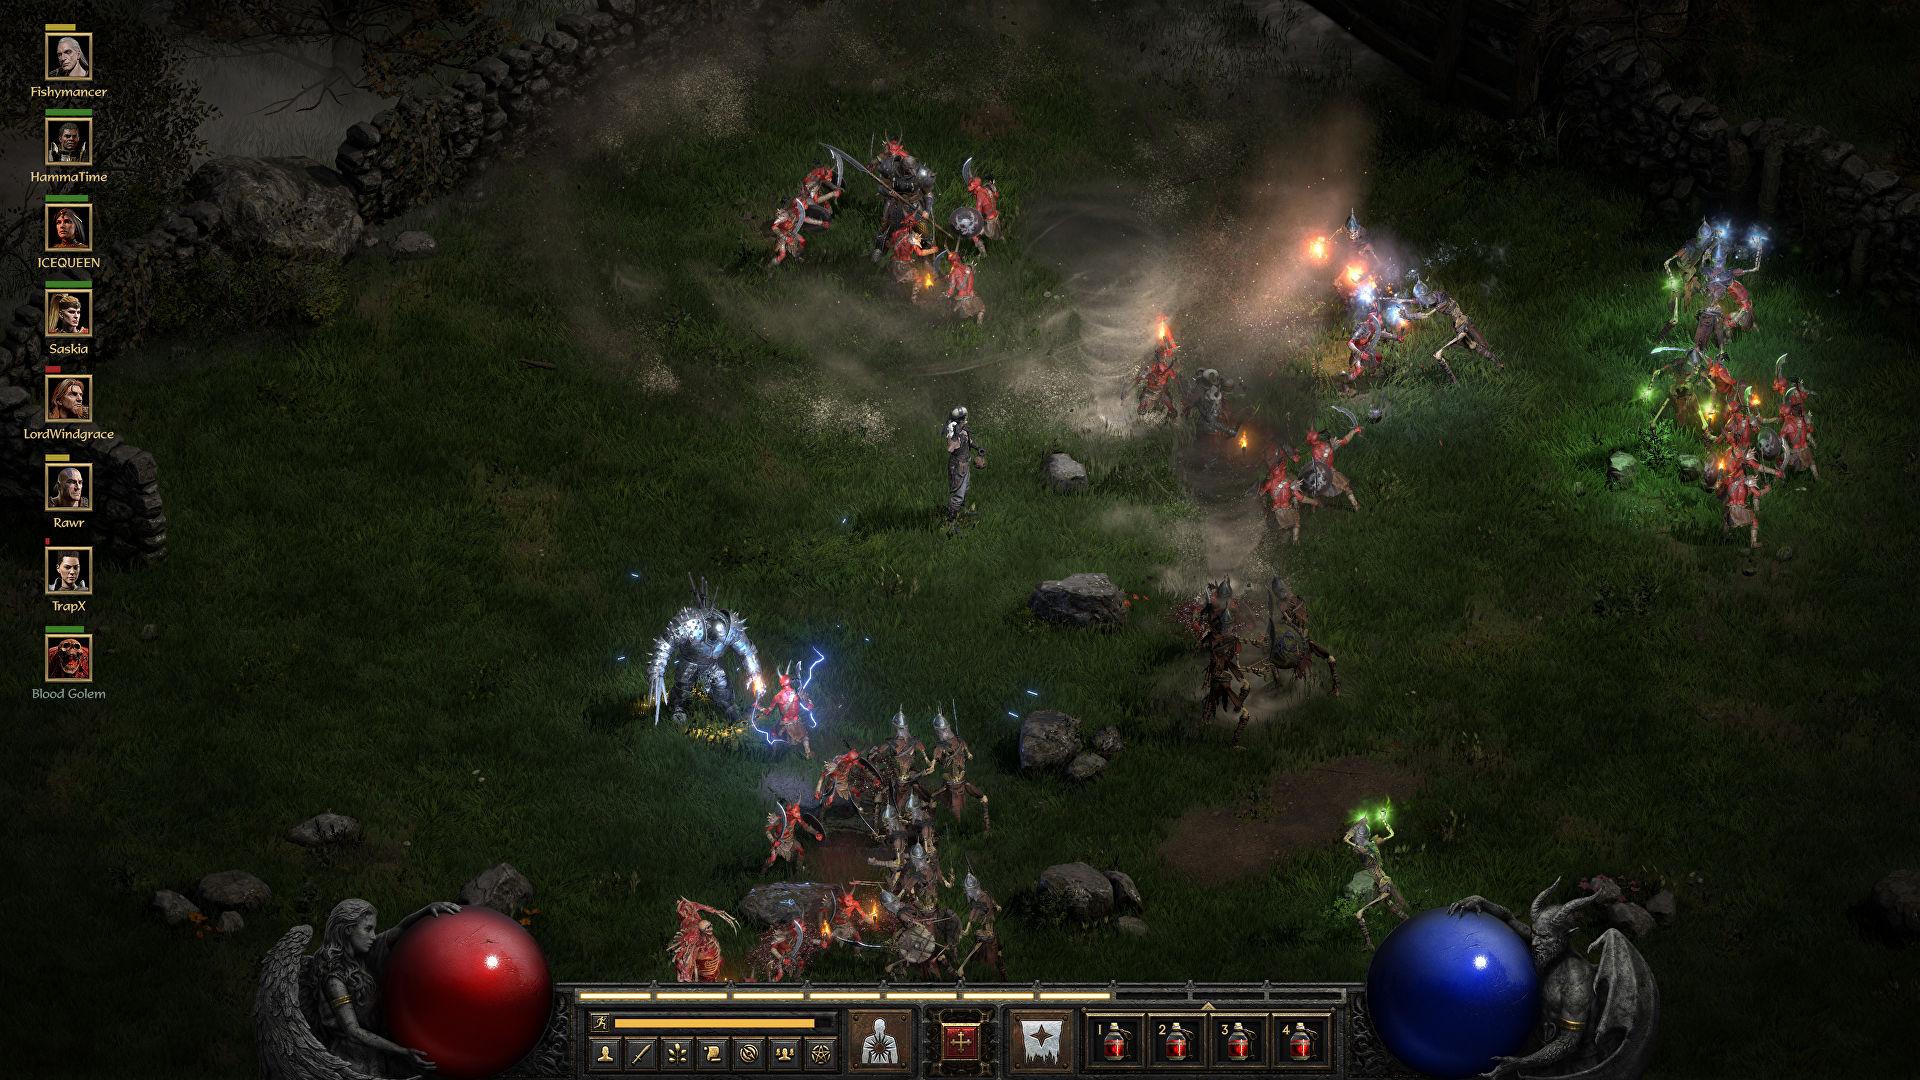 У Blizzard «практически не осталось» проектов для создания ремастеров, так что можно надеяться на новые игры